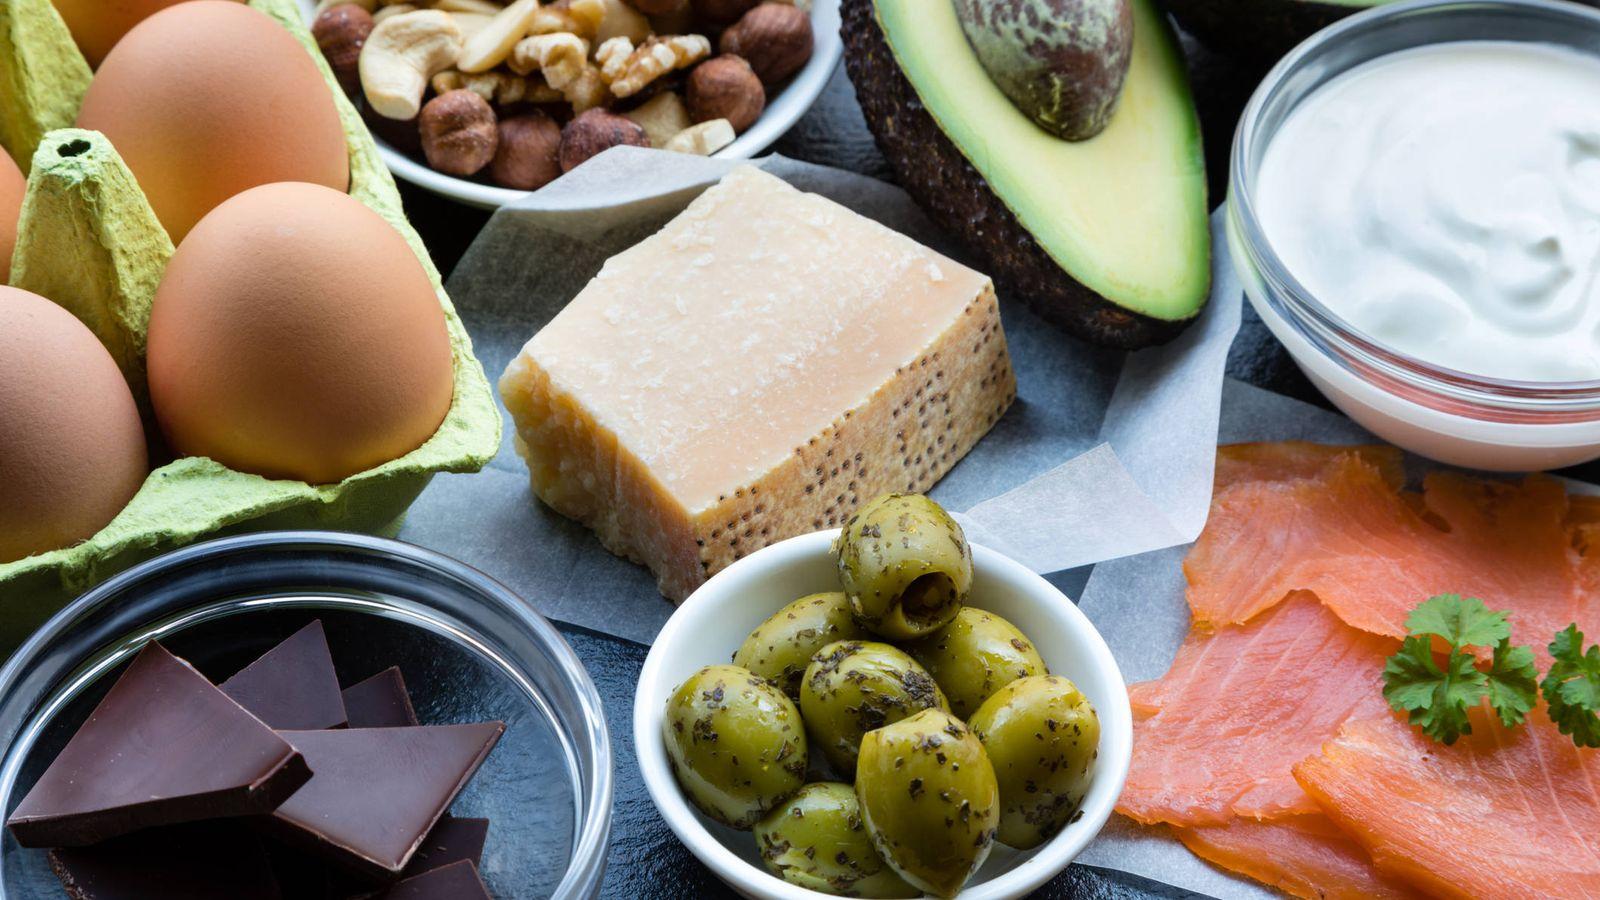 Foto: Las grasas son fundamentales en una dieta 'keto'. iStock